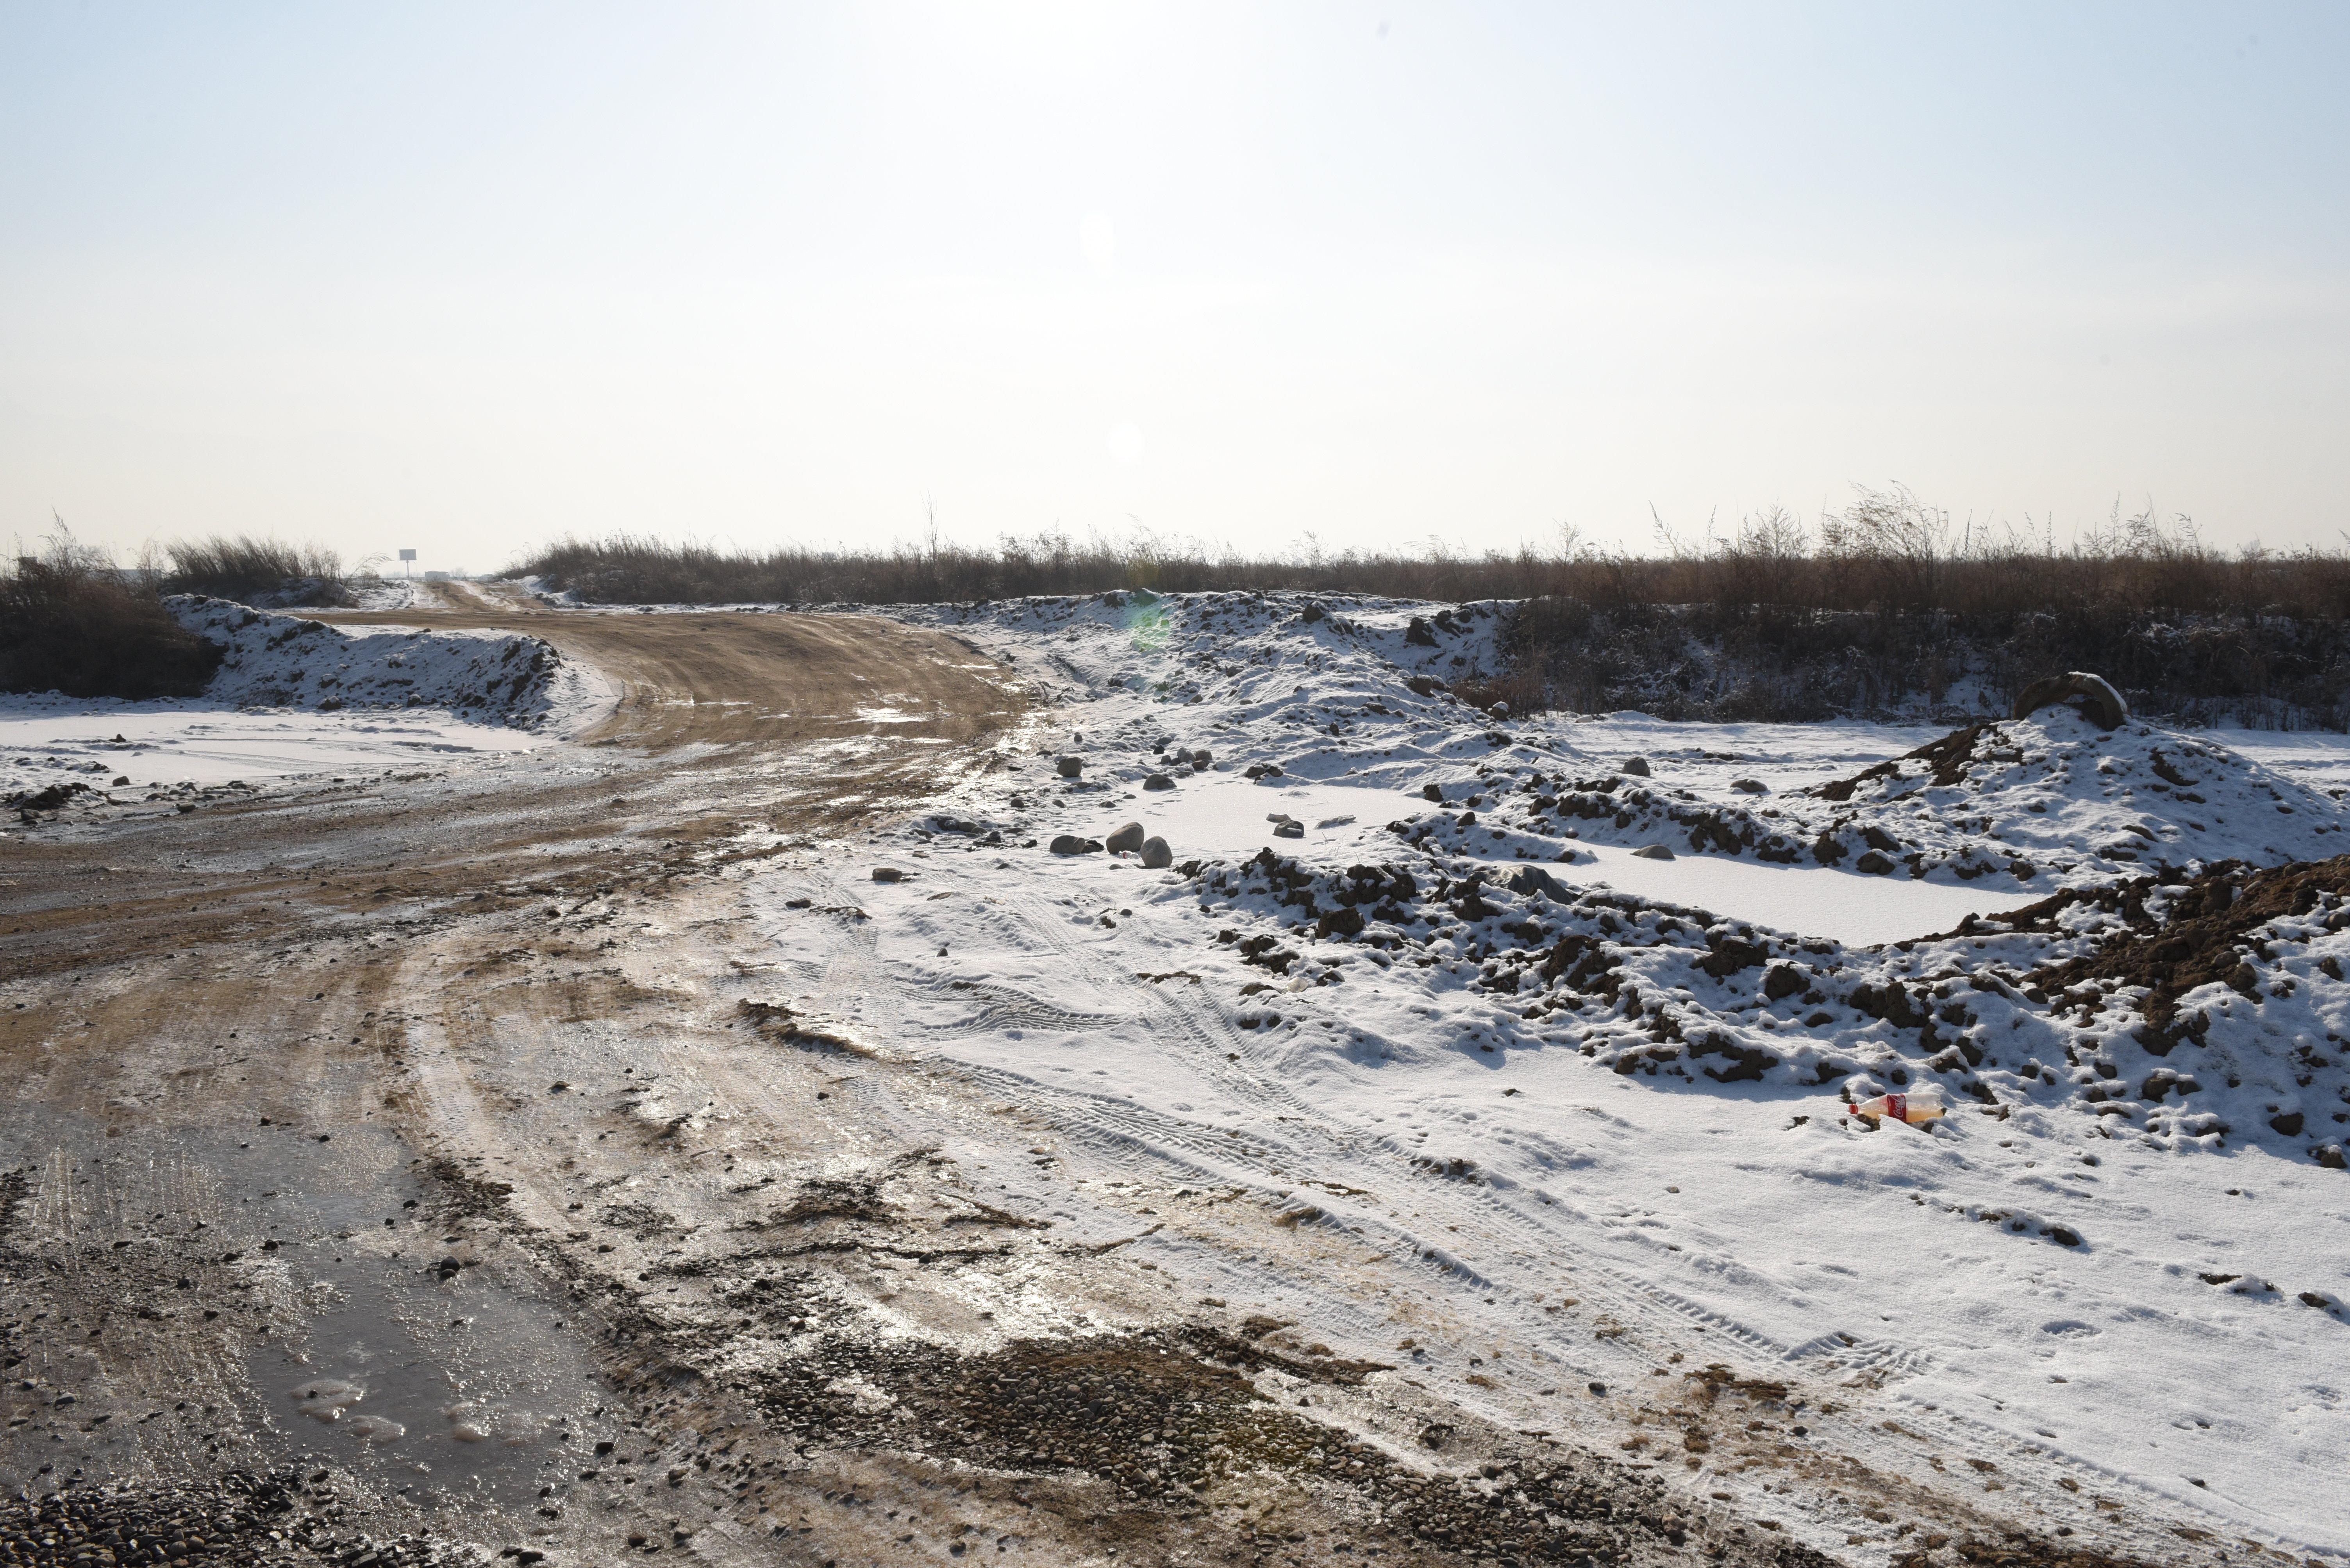 Пустырь на месте инвестиционного проекта Гейт Сити в Алматинской области